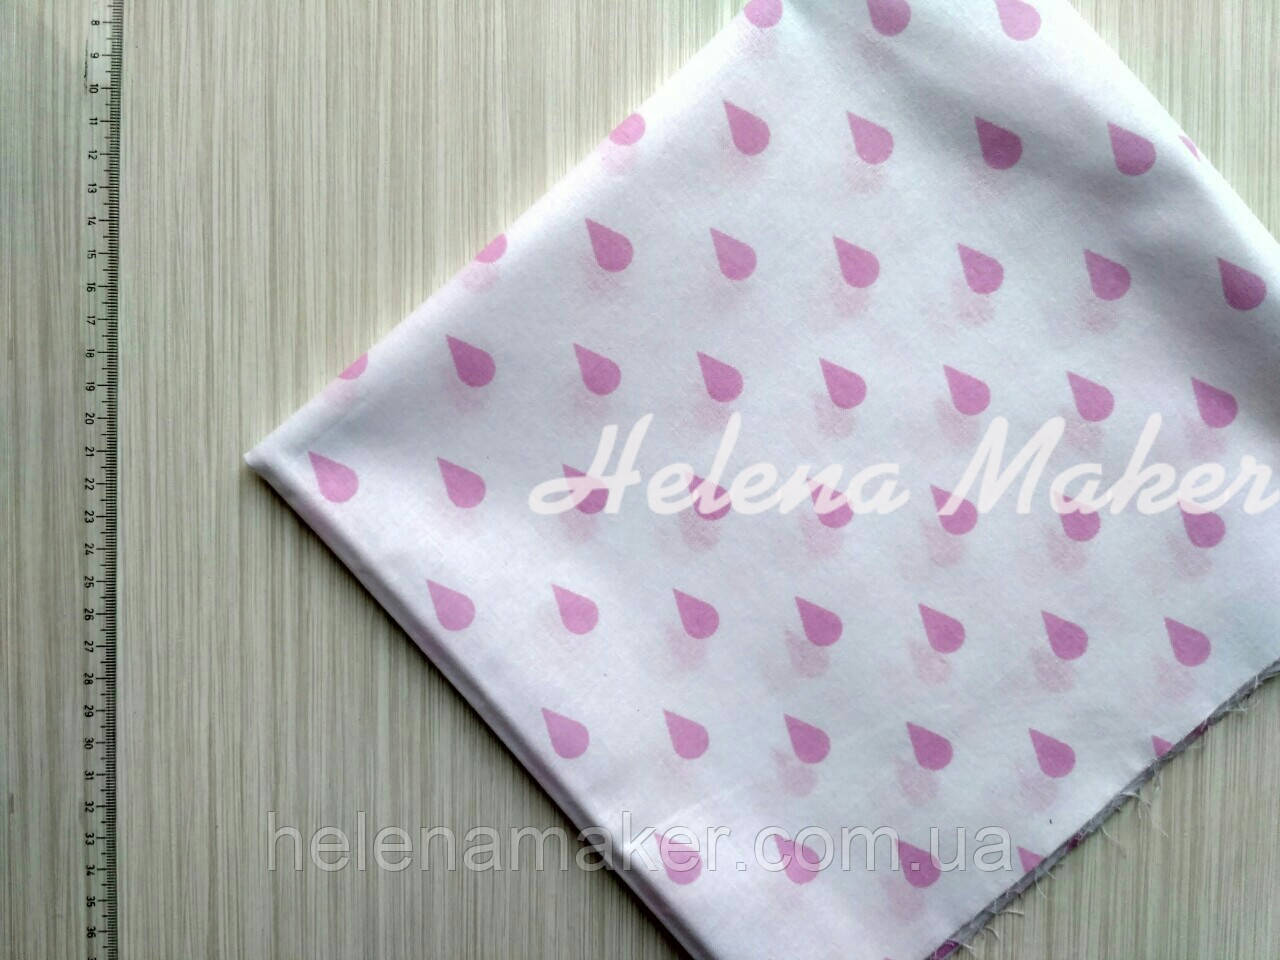 Отрез хлопка для рукоделия Белый с розовыми капельками 50*55 см